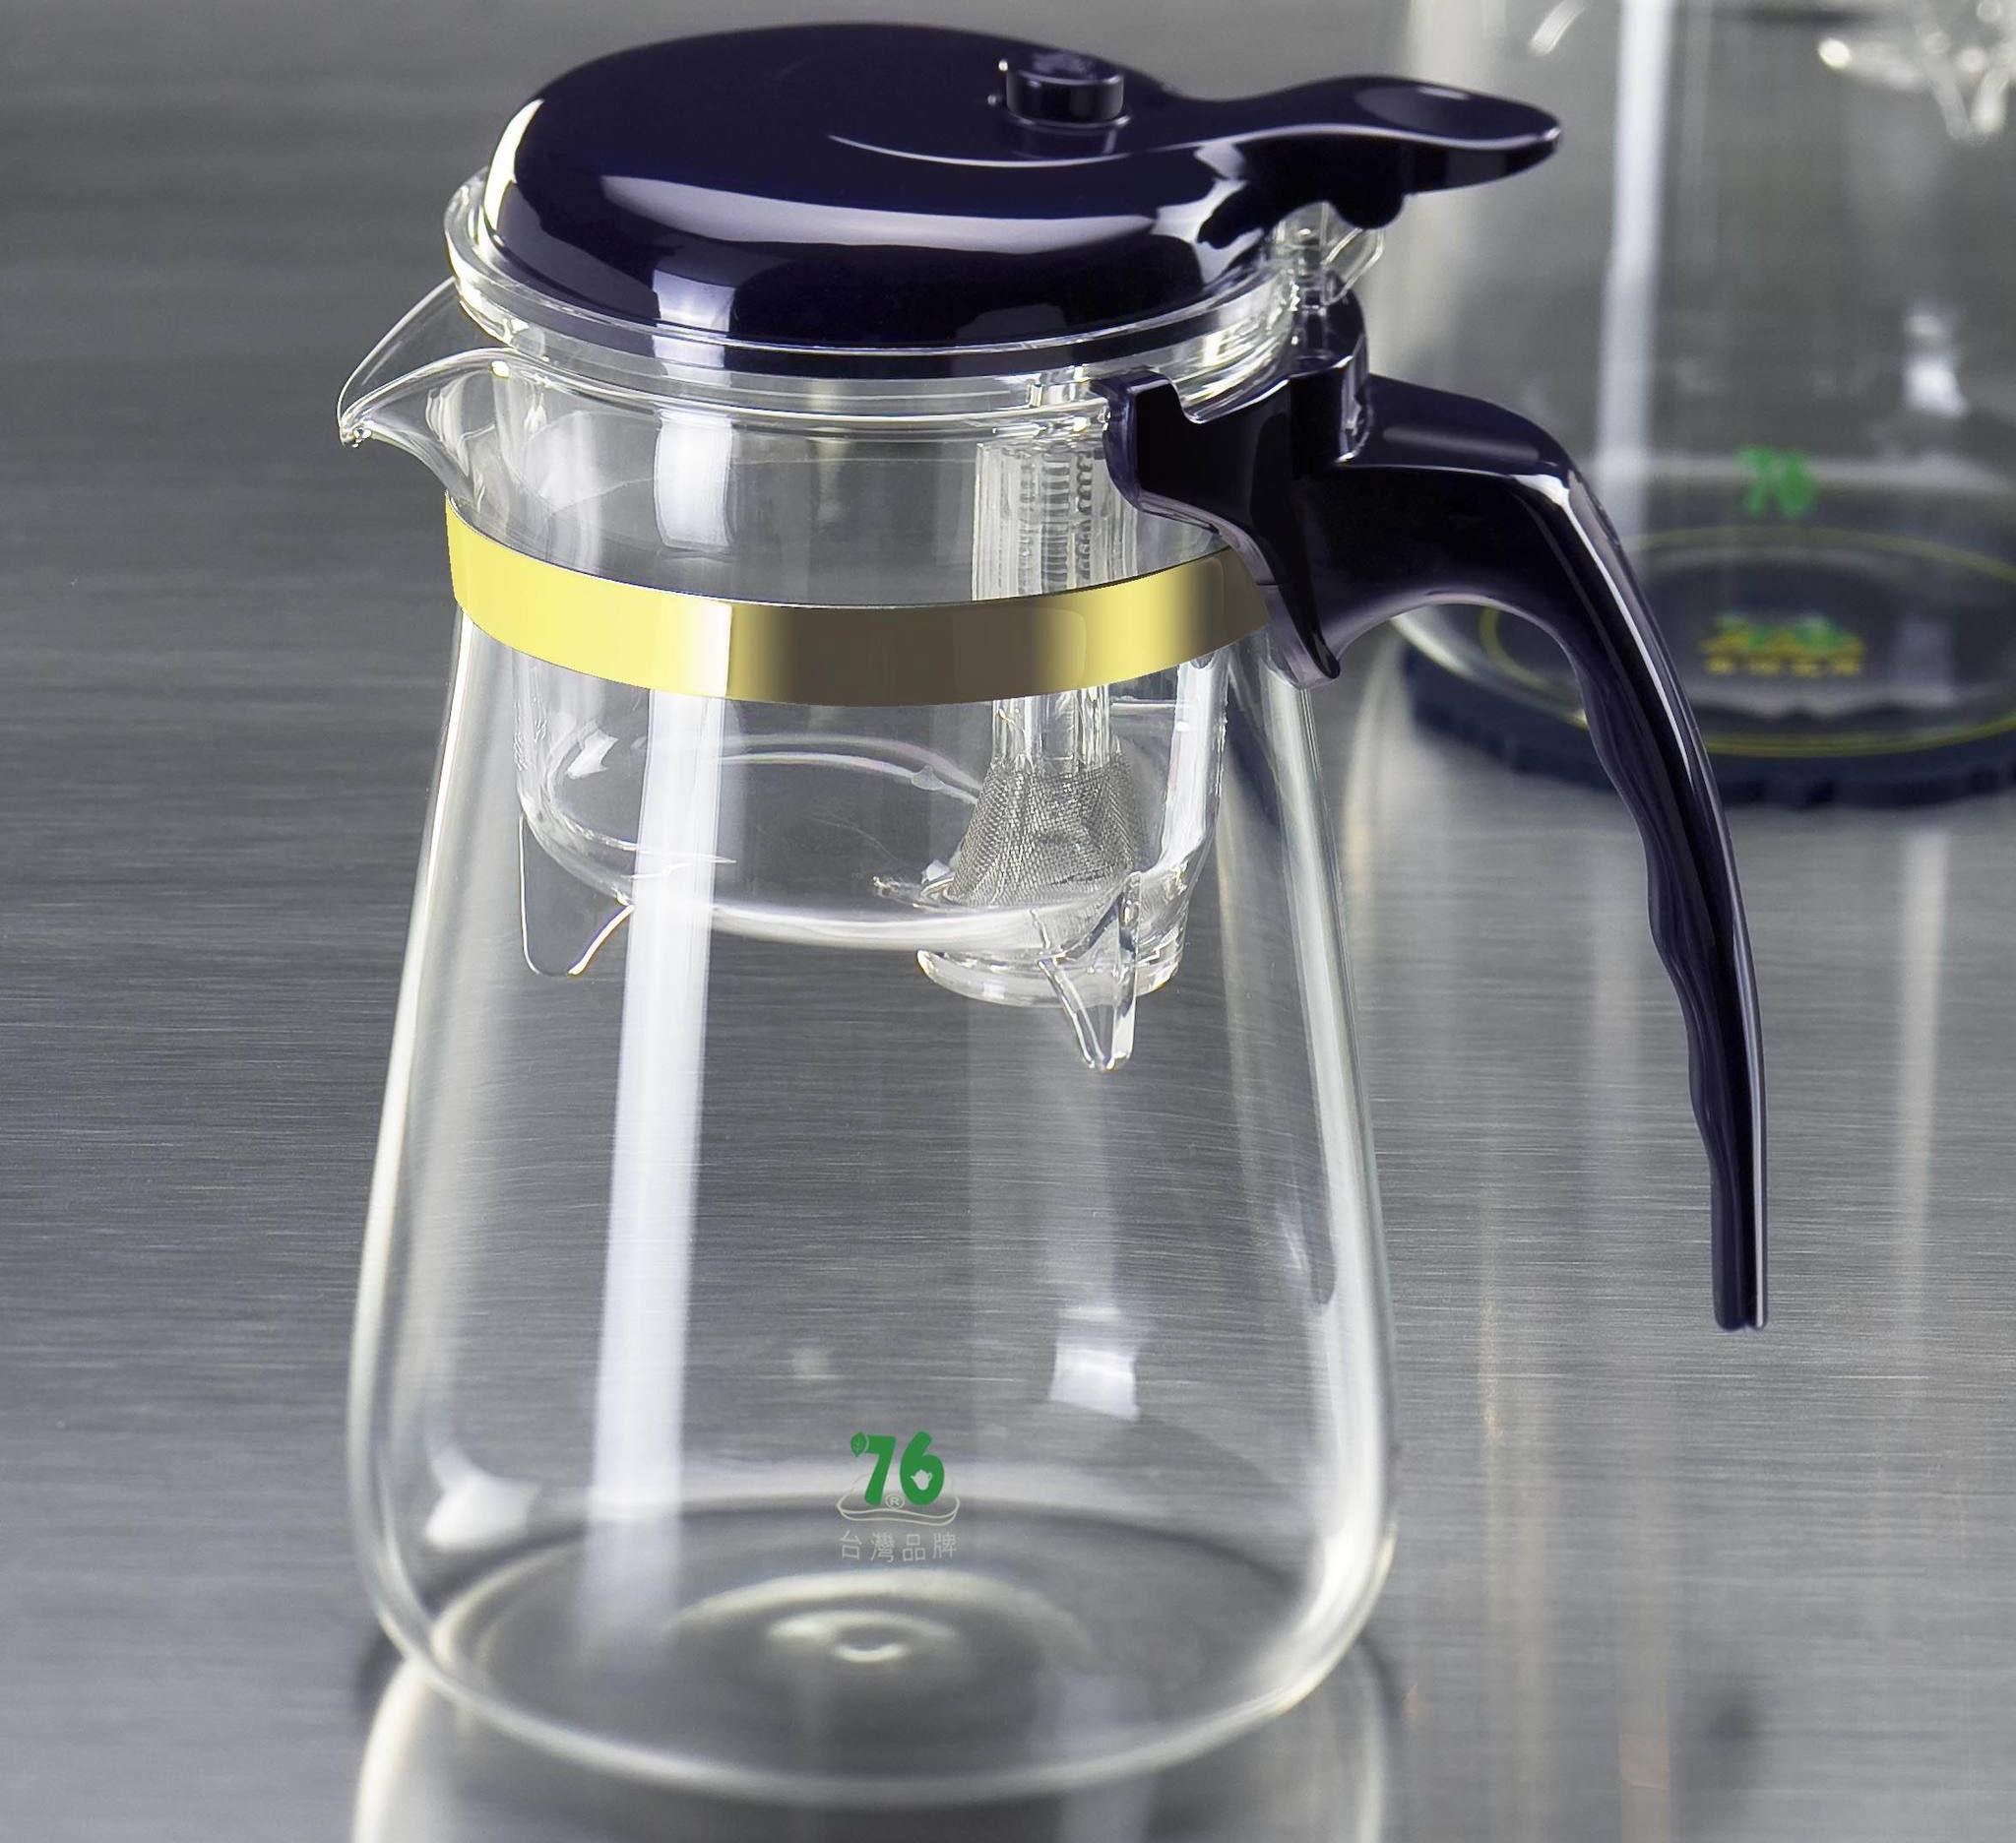 Фото заварочного чайника с кнопкой слива